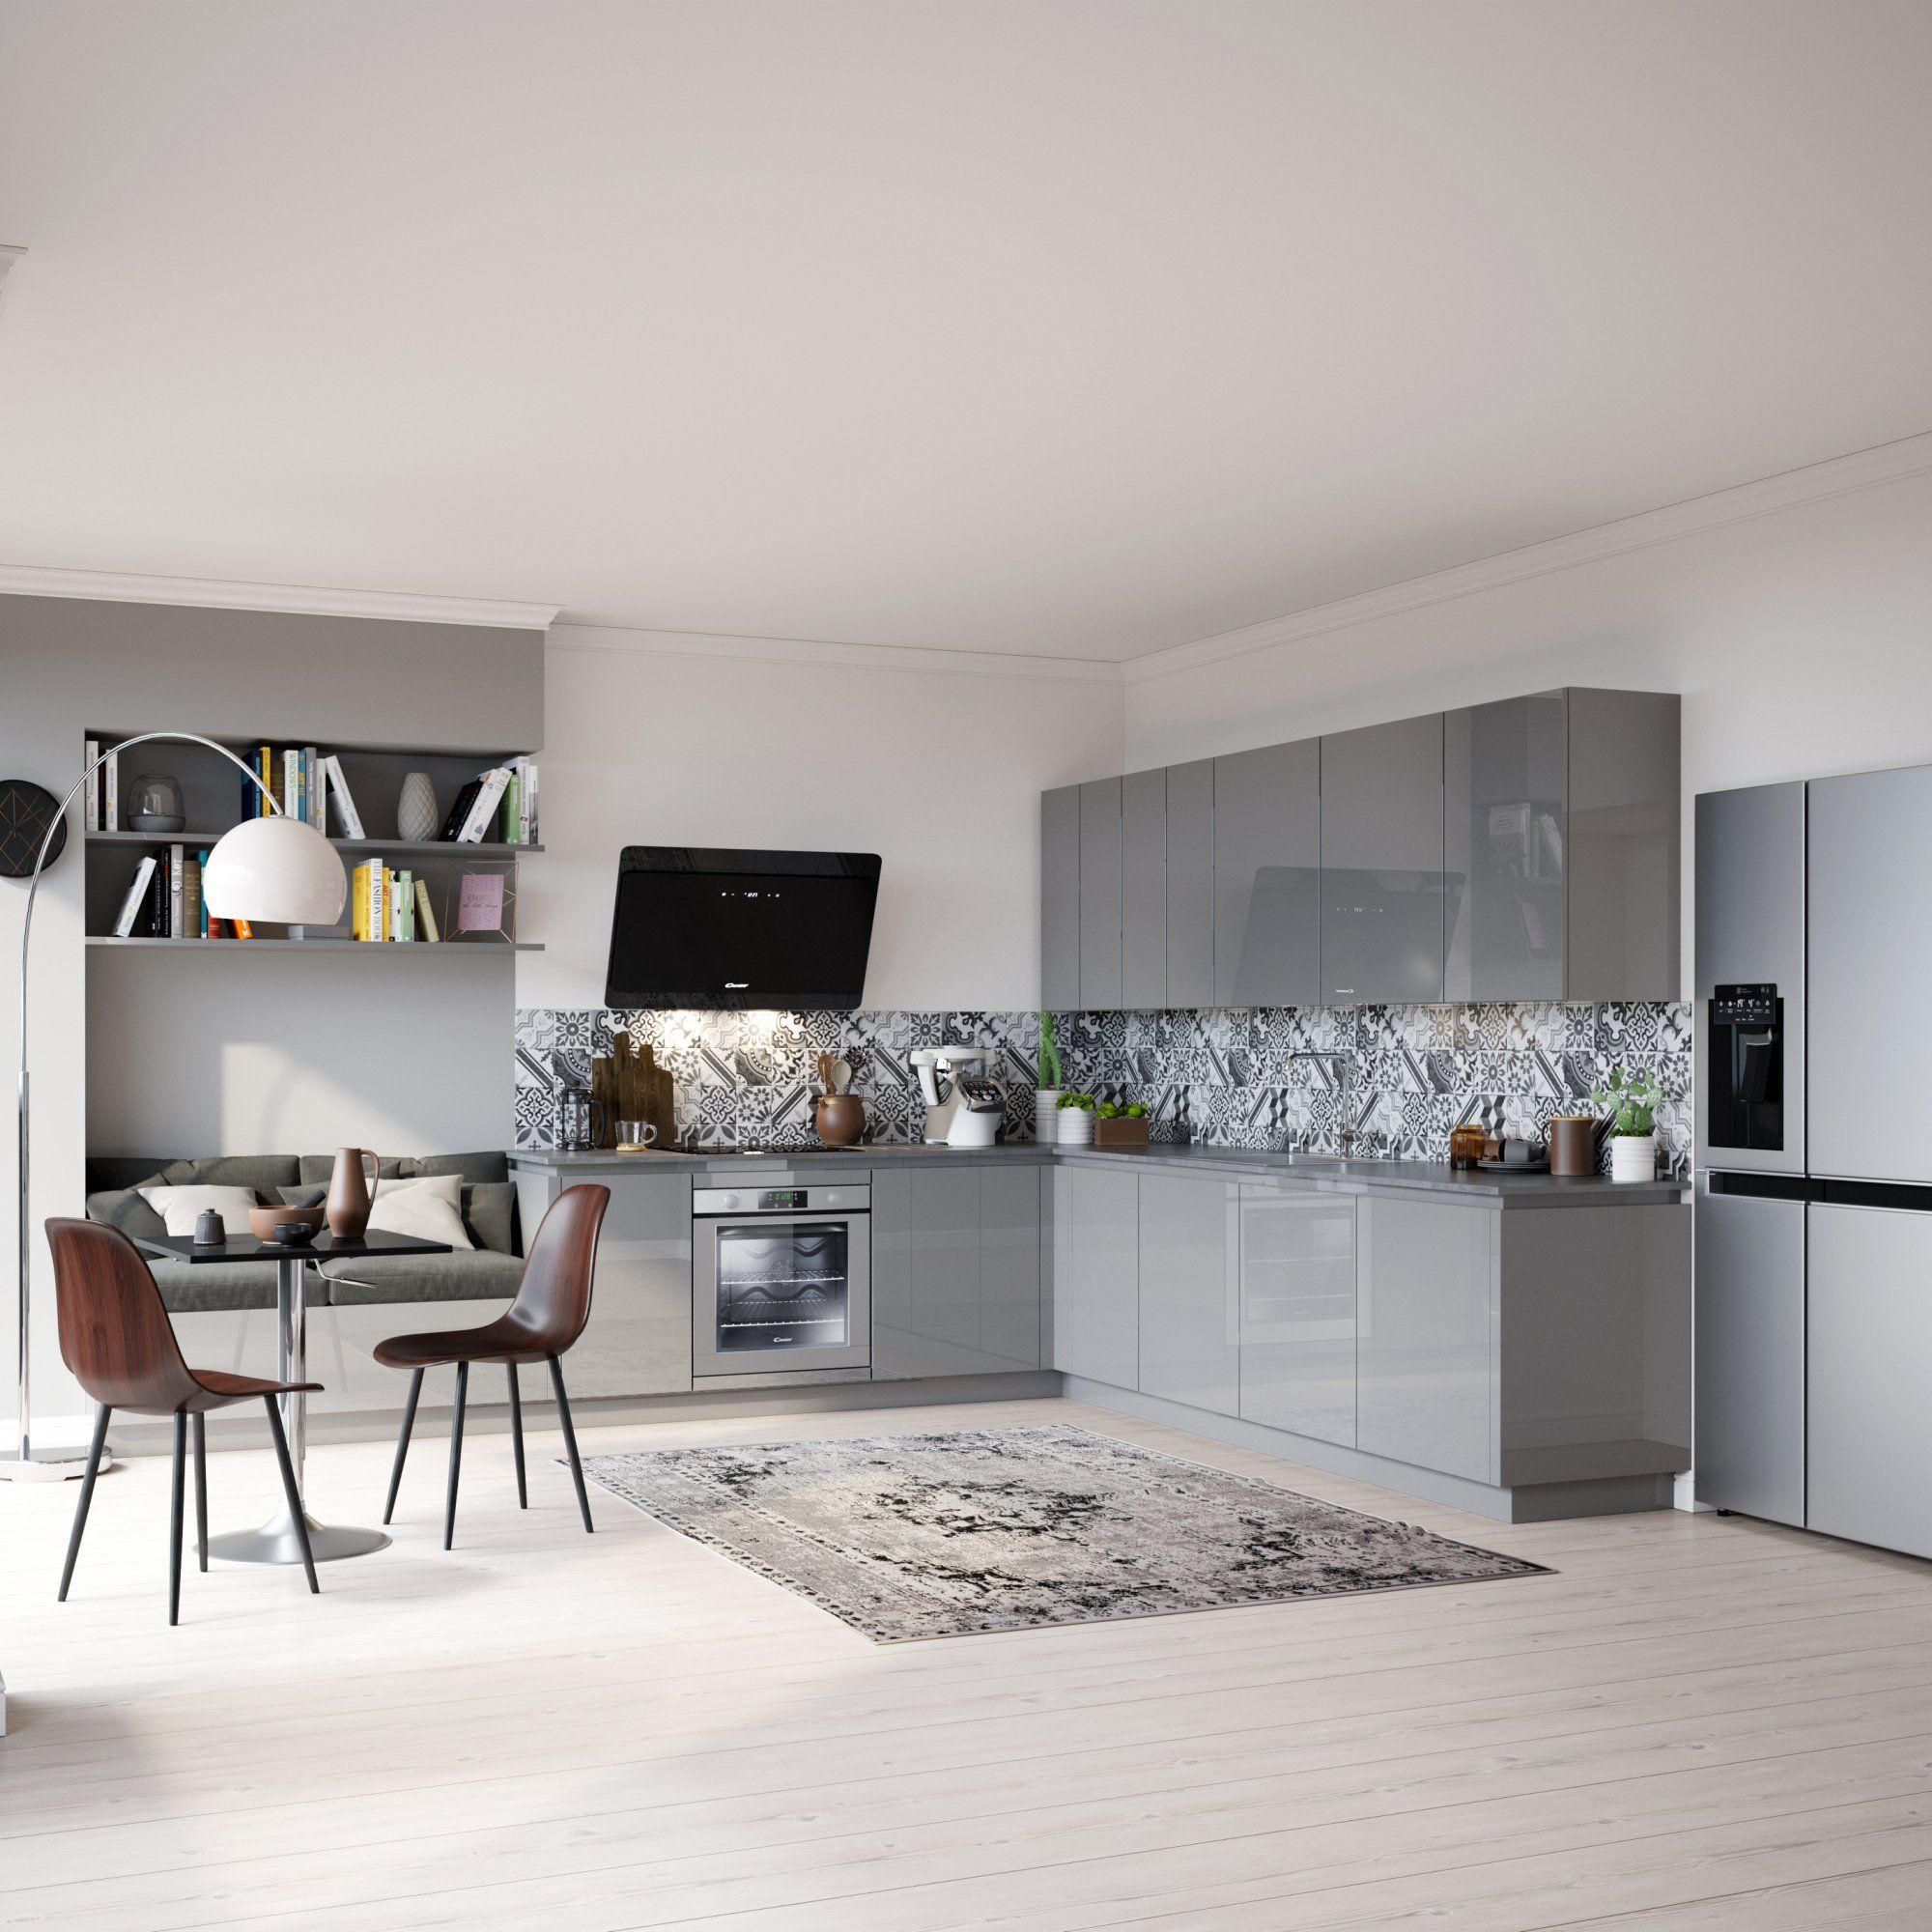 cuisine ouverte grise avec carreaux de